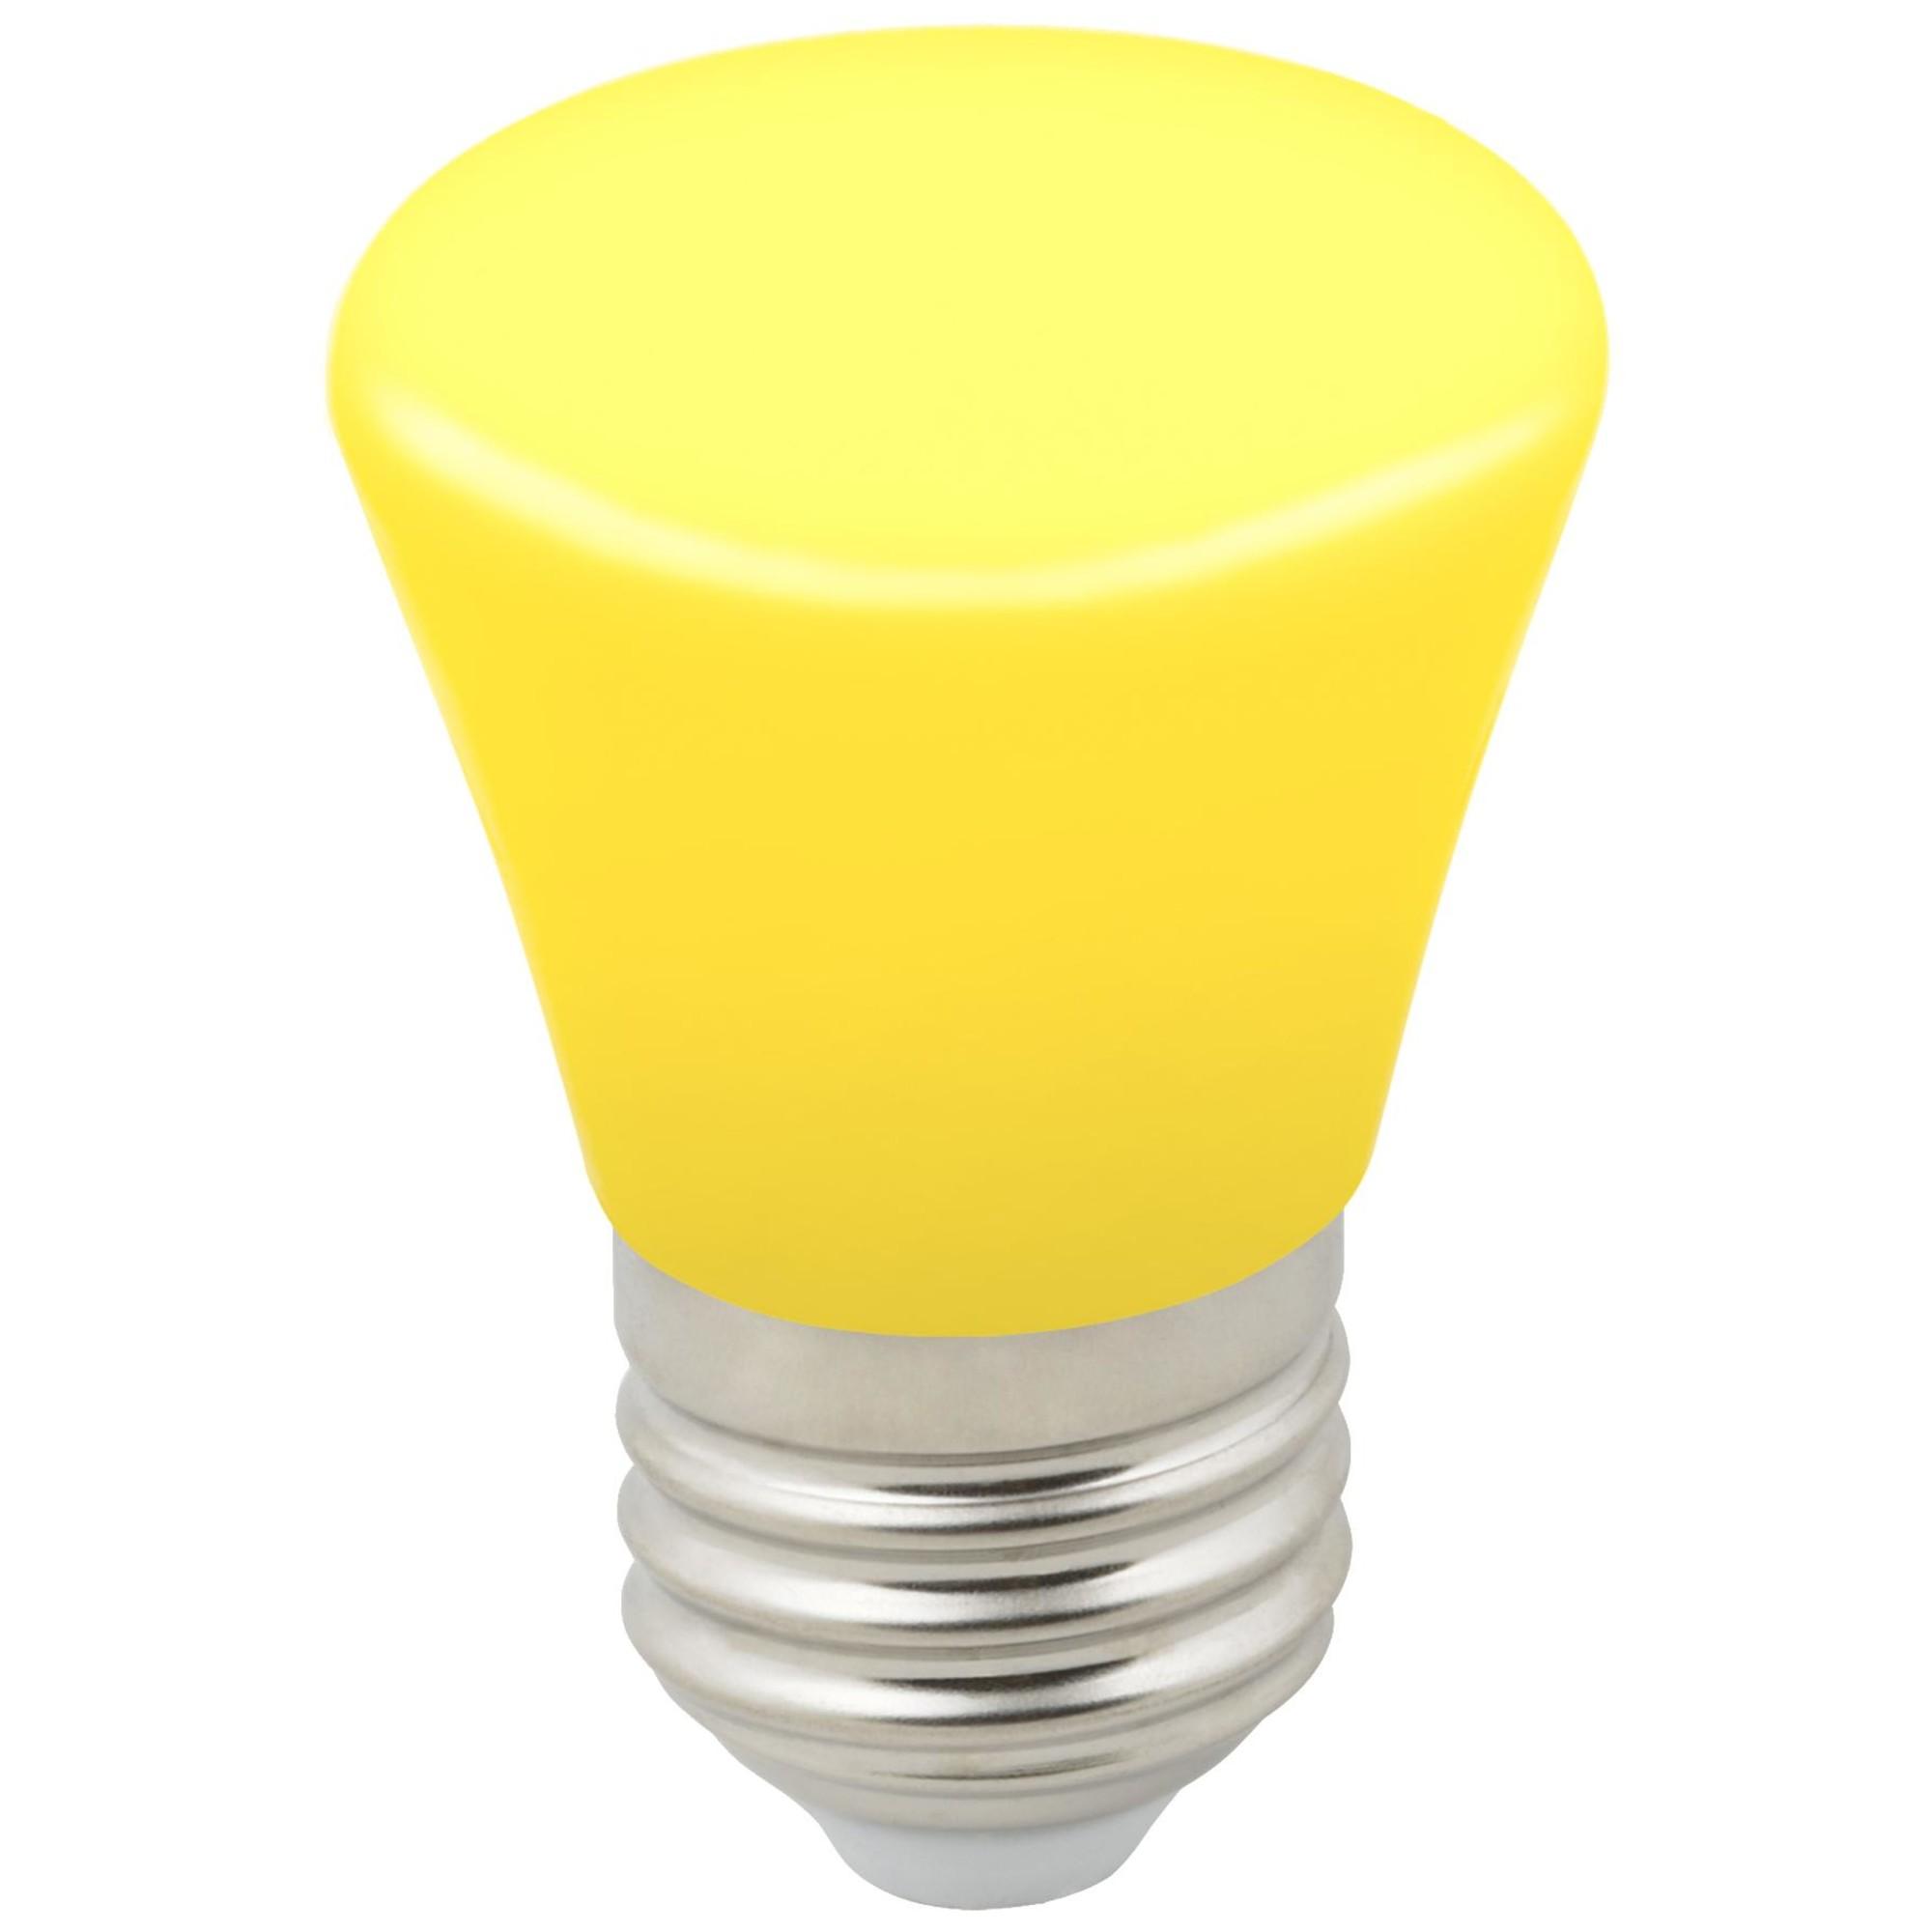 Лампа светодиодная Volpe Décor Color E27 колокольчик  Лм 1 Вт желтый